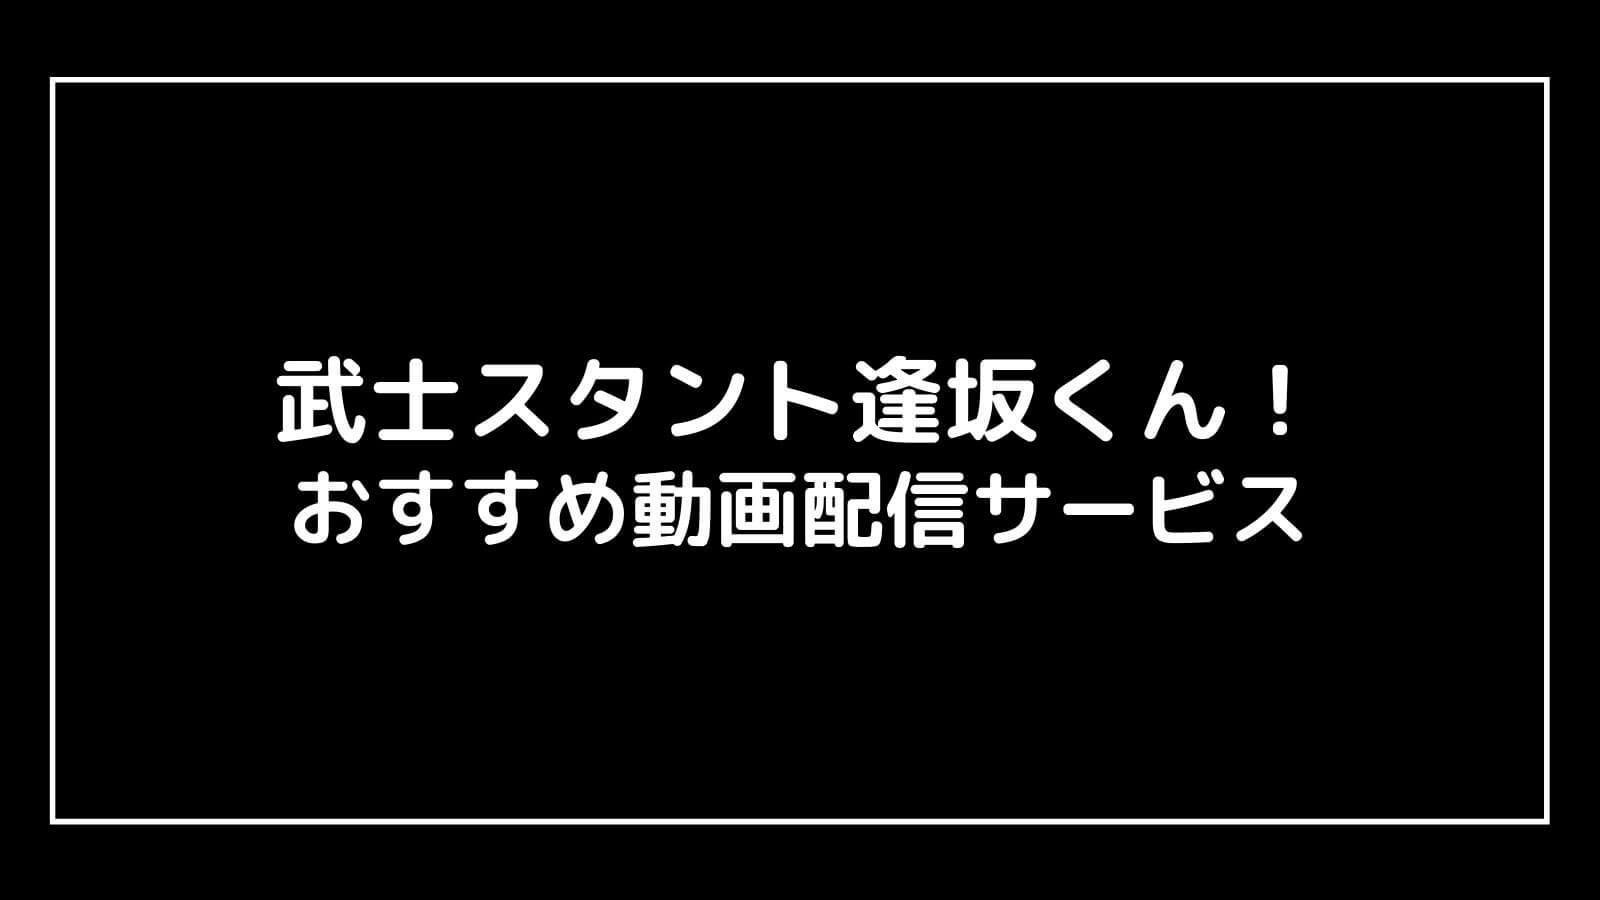 『武士スタント逢坂くん!』の見逃し配信を無料視聴できるおすすめ動画配信サイト